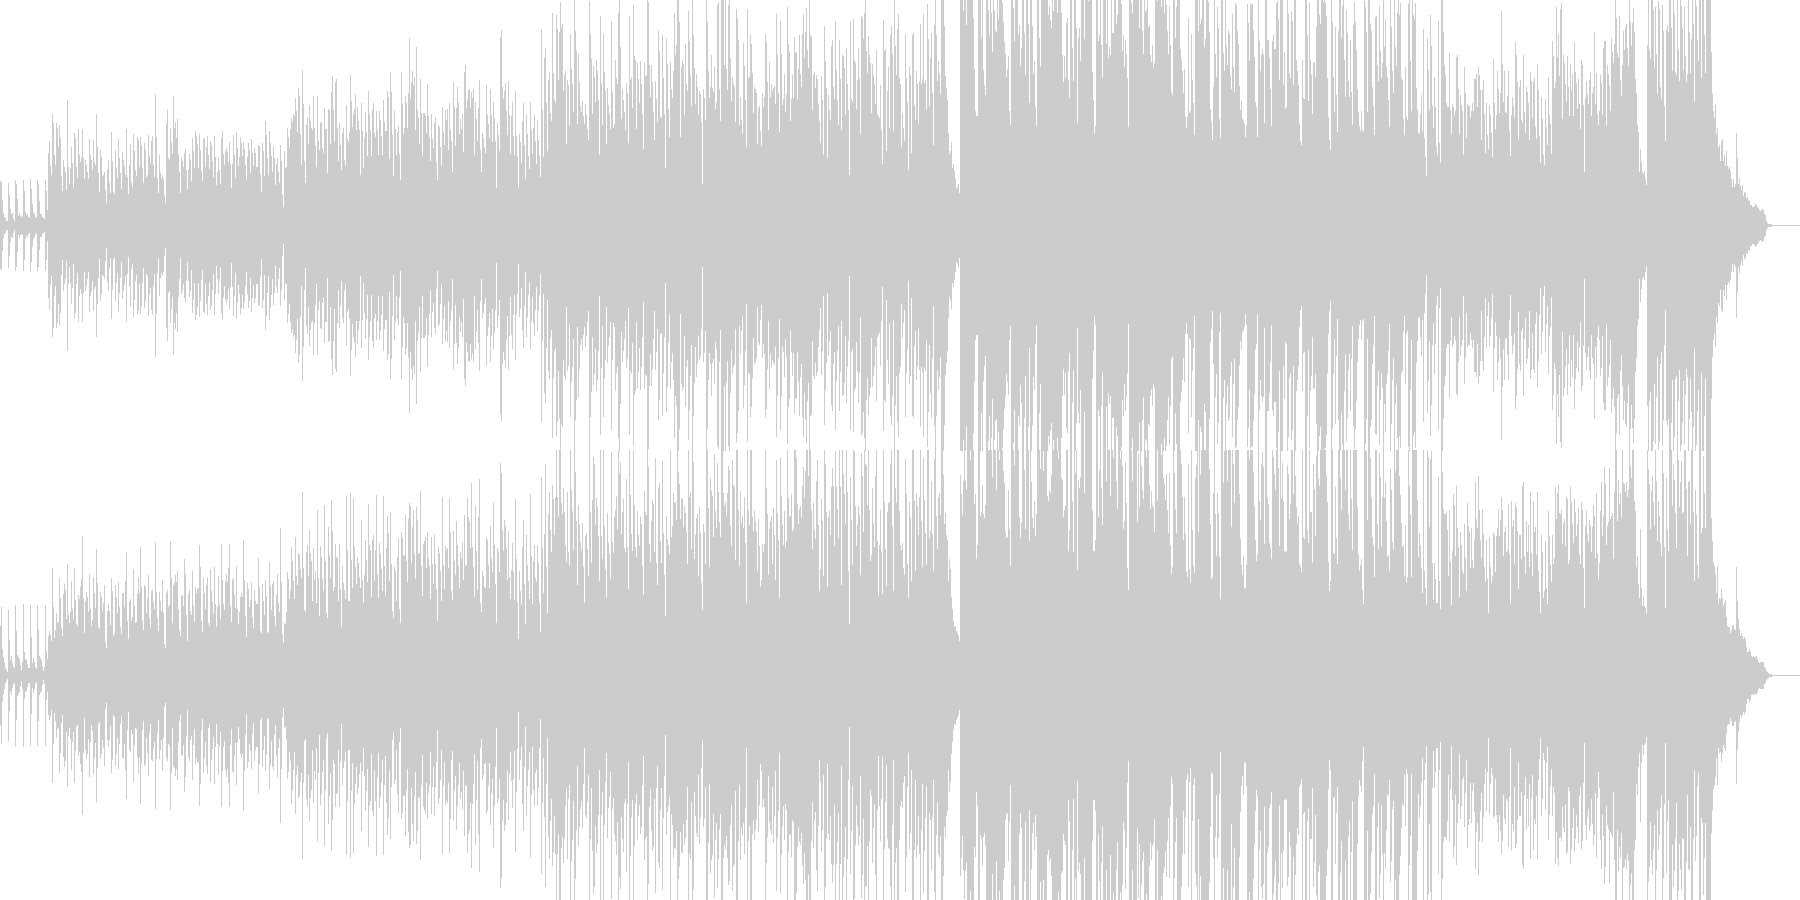 和風/夕暮れ/哀愁/ピアノ/琴/しっとりの未再生の波形